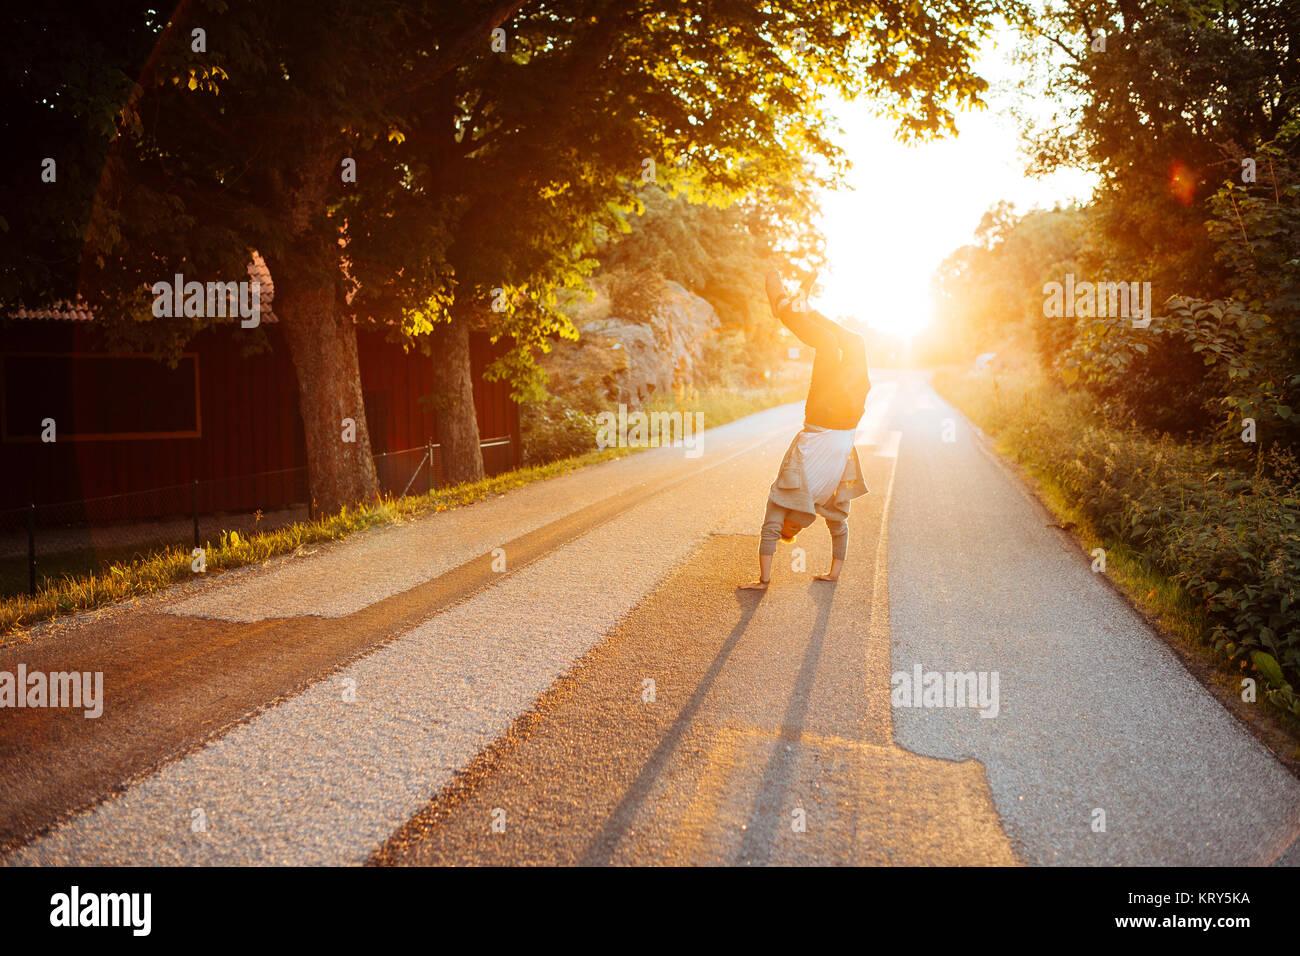 Hombre haciendo el pino sobre una carretera al atardecer en Bohuslan, Suecia Imagen De Stock